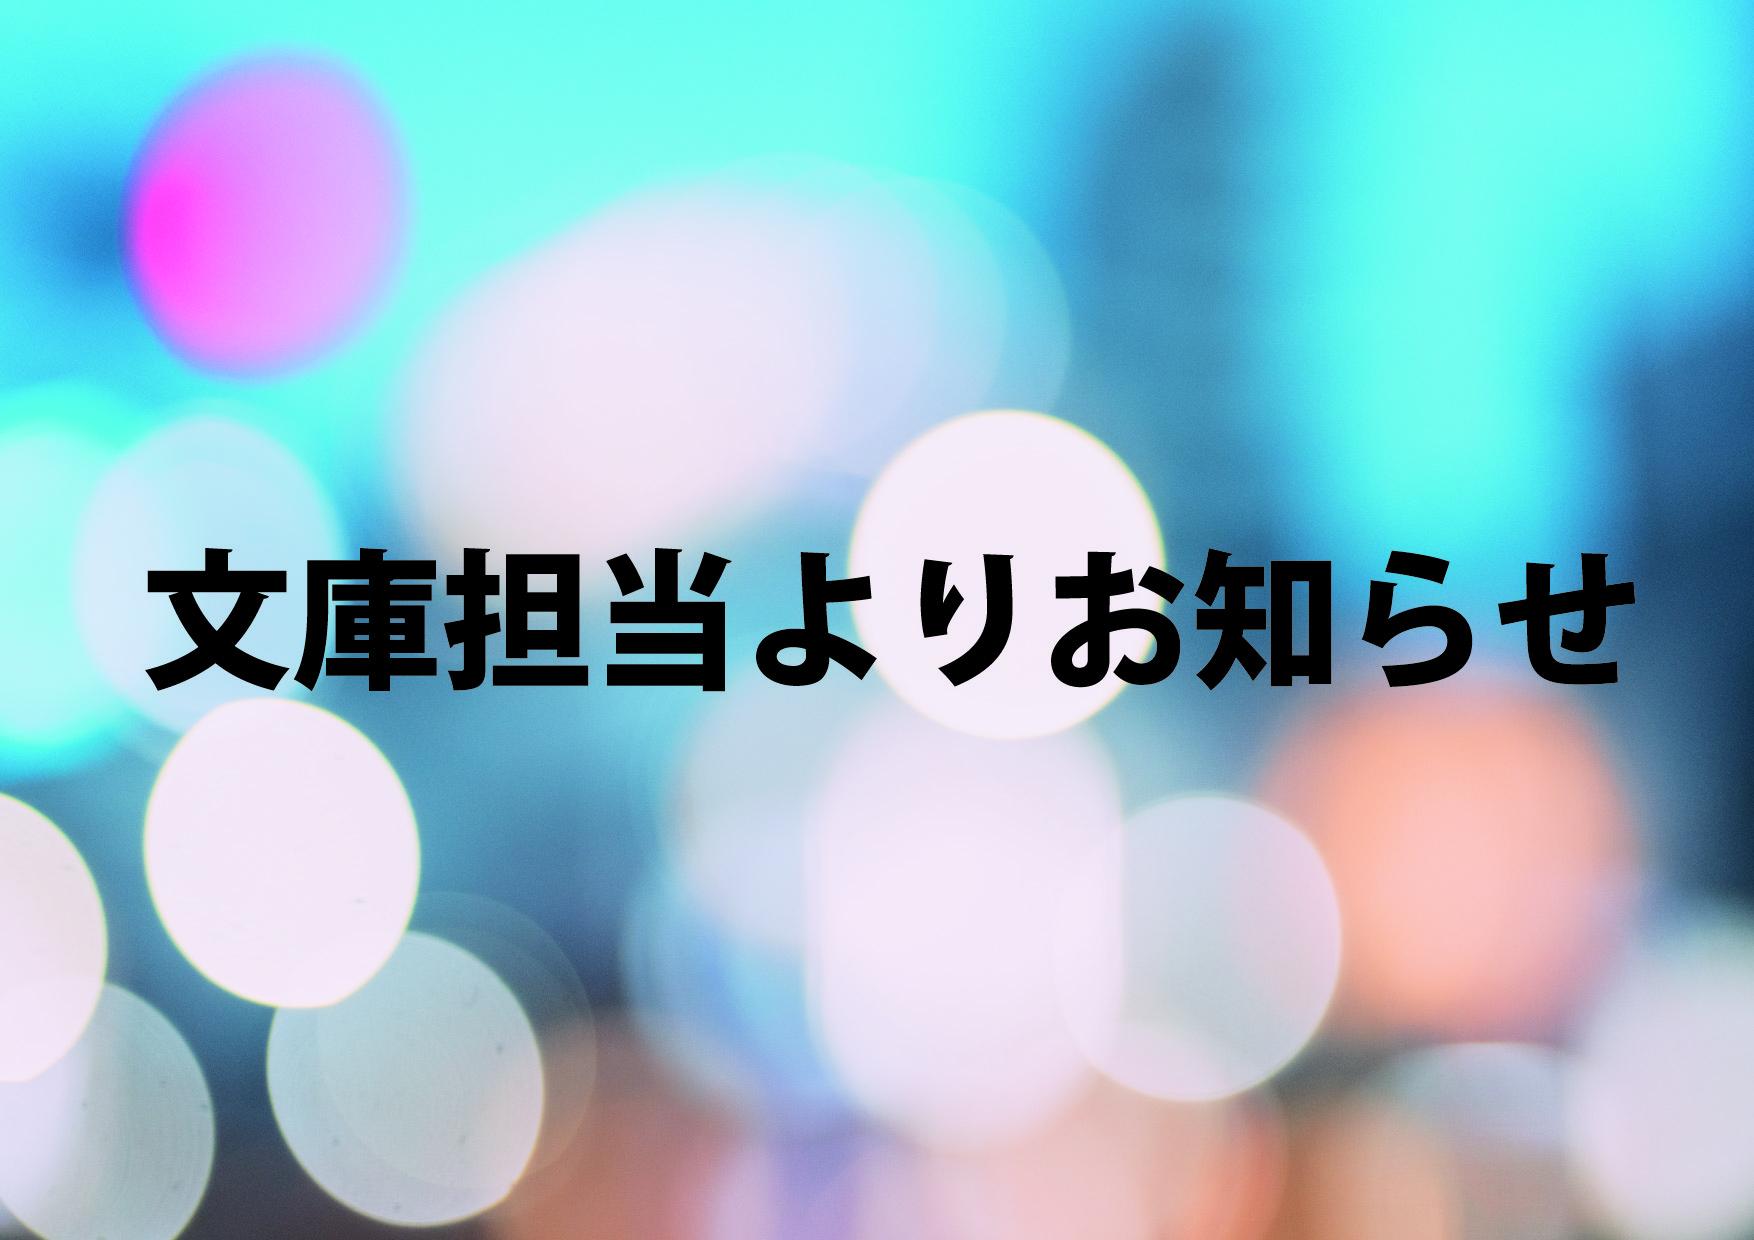 紀伊國屋書店:文庫担当ページ